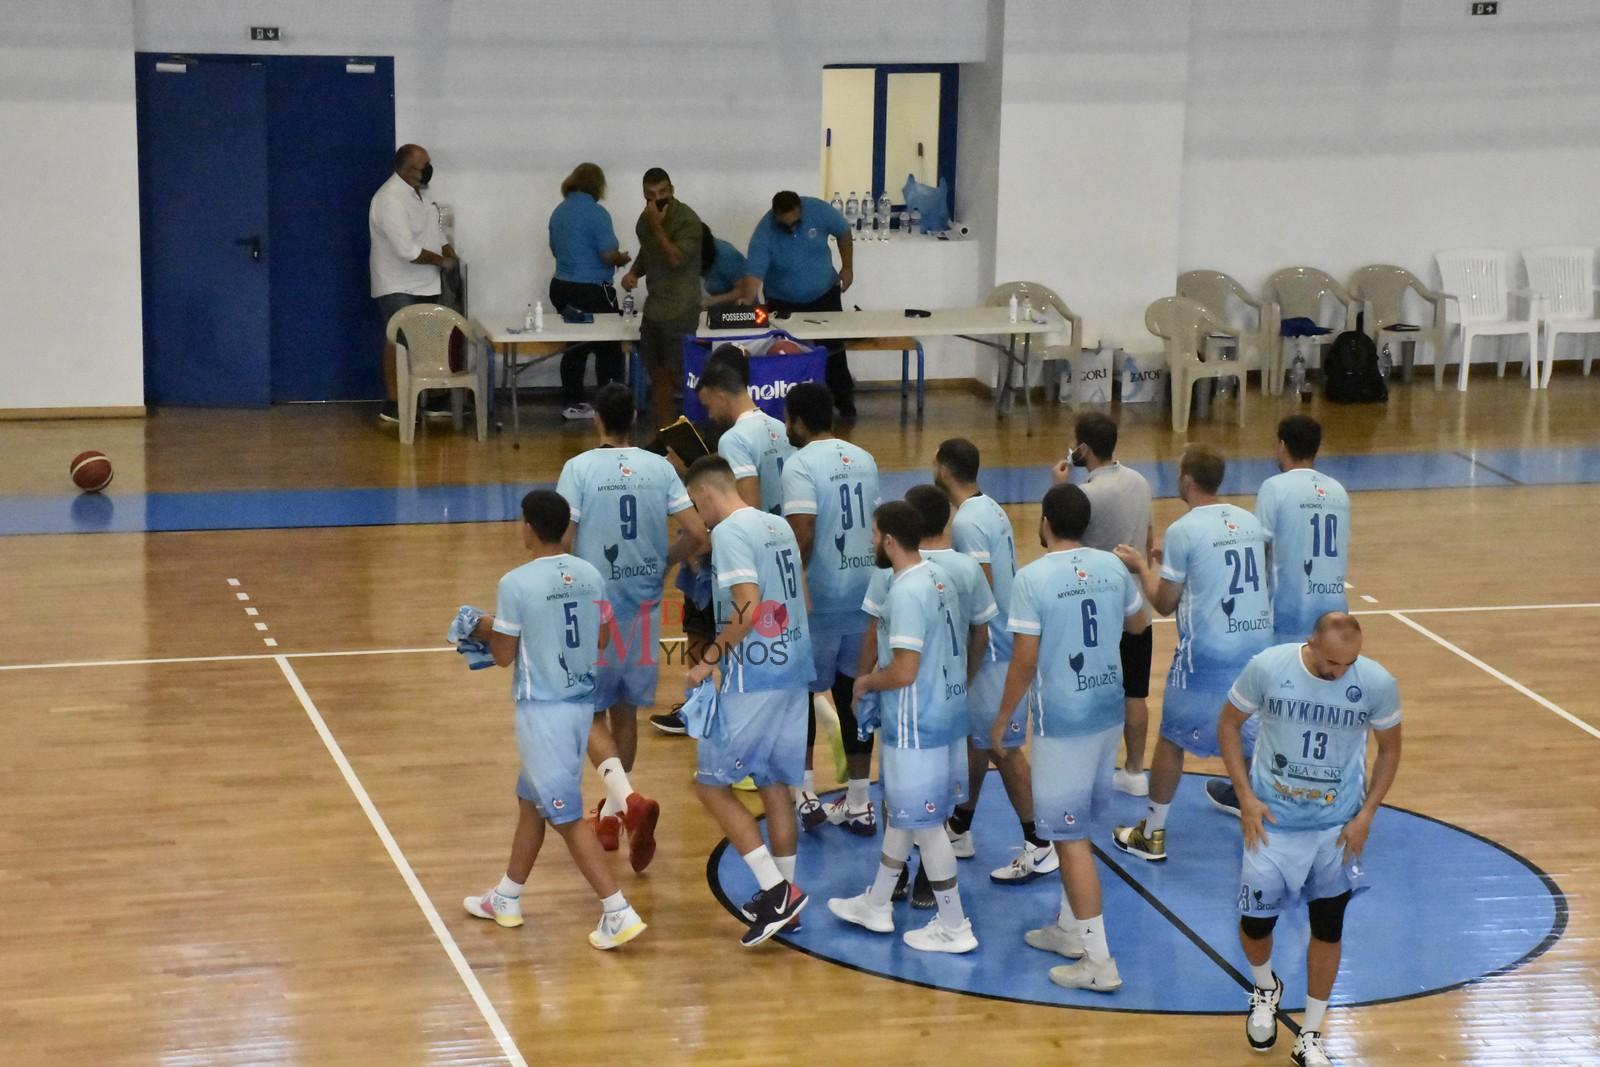 Οι καλαθοσφαιριστές του Α.Ο. Μυκόνου ευχαρίστησαν τη διοίκηση